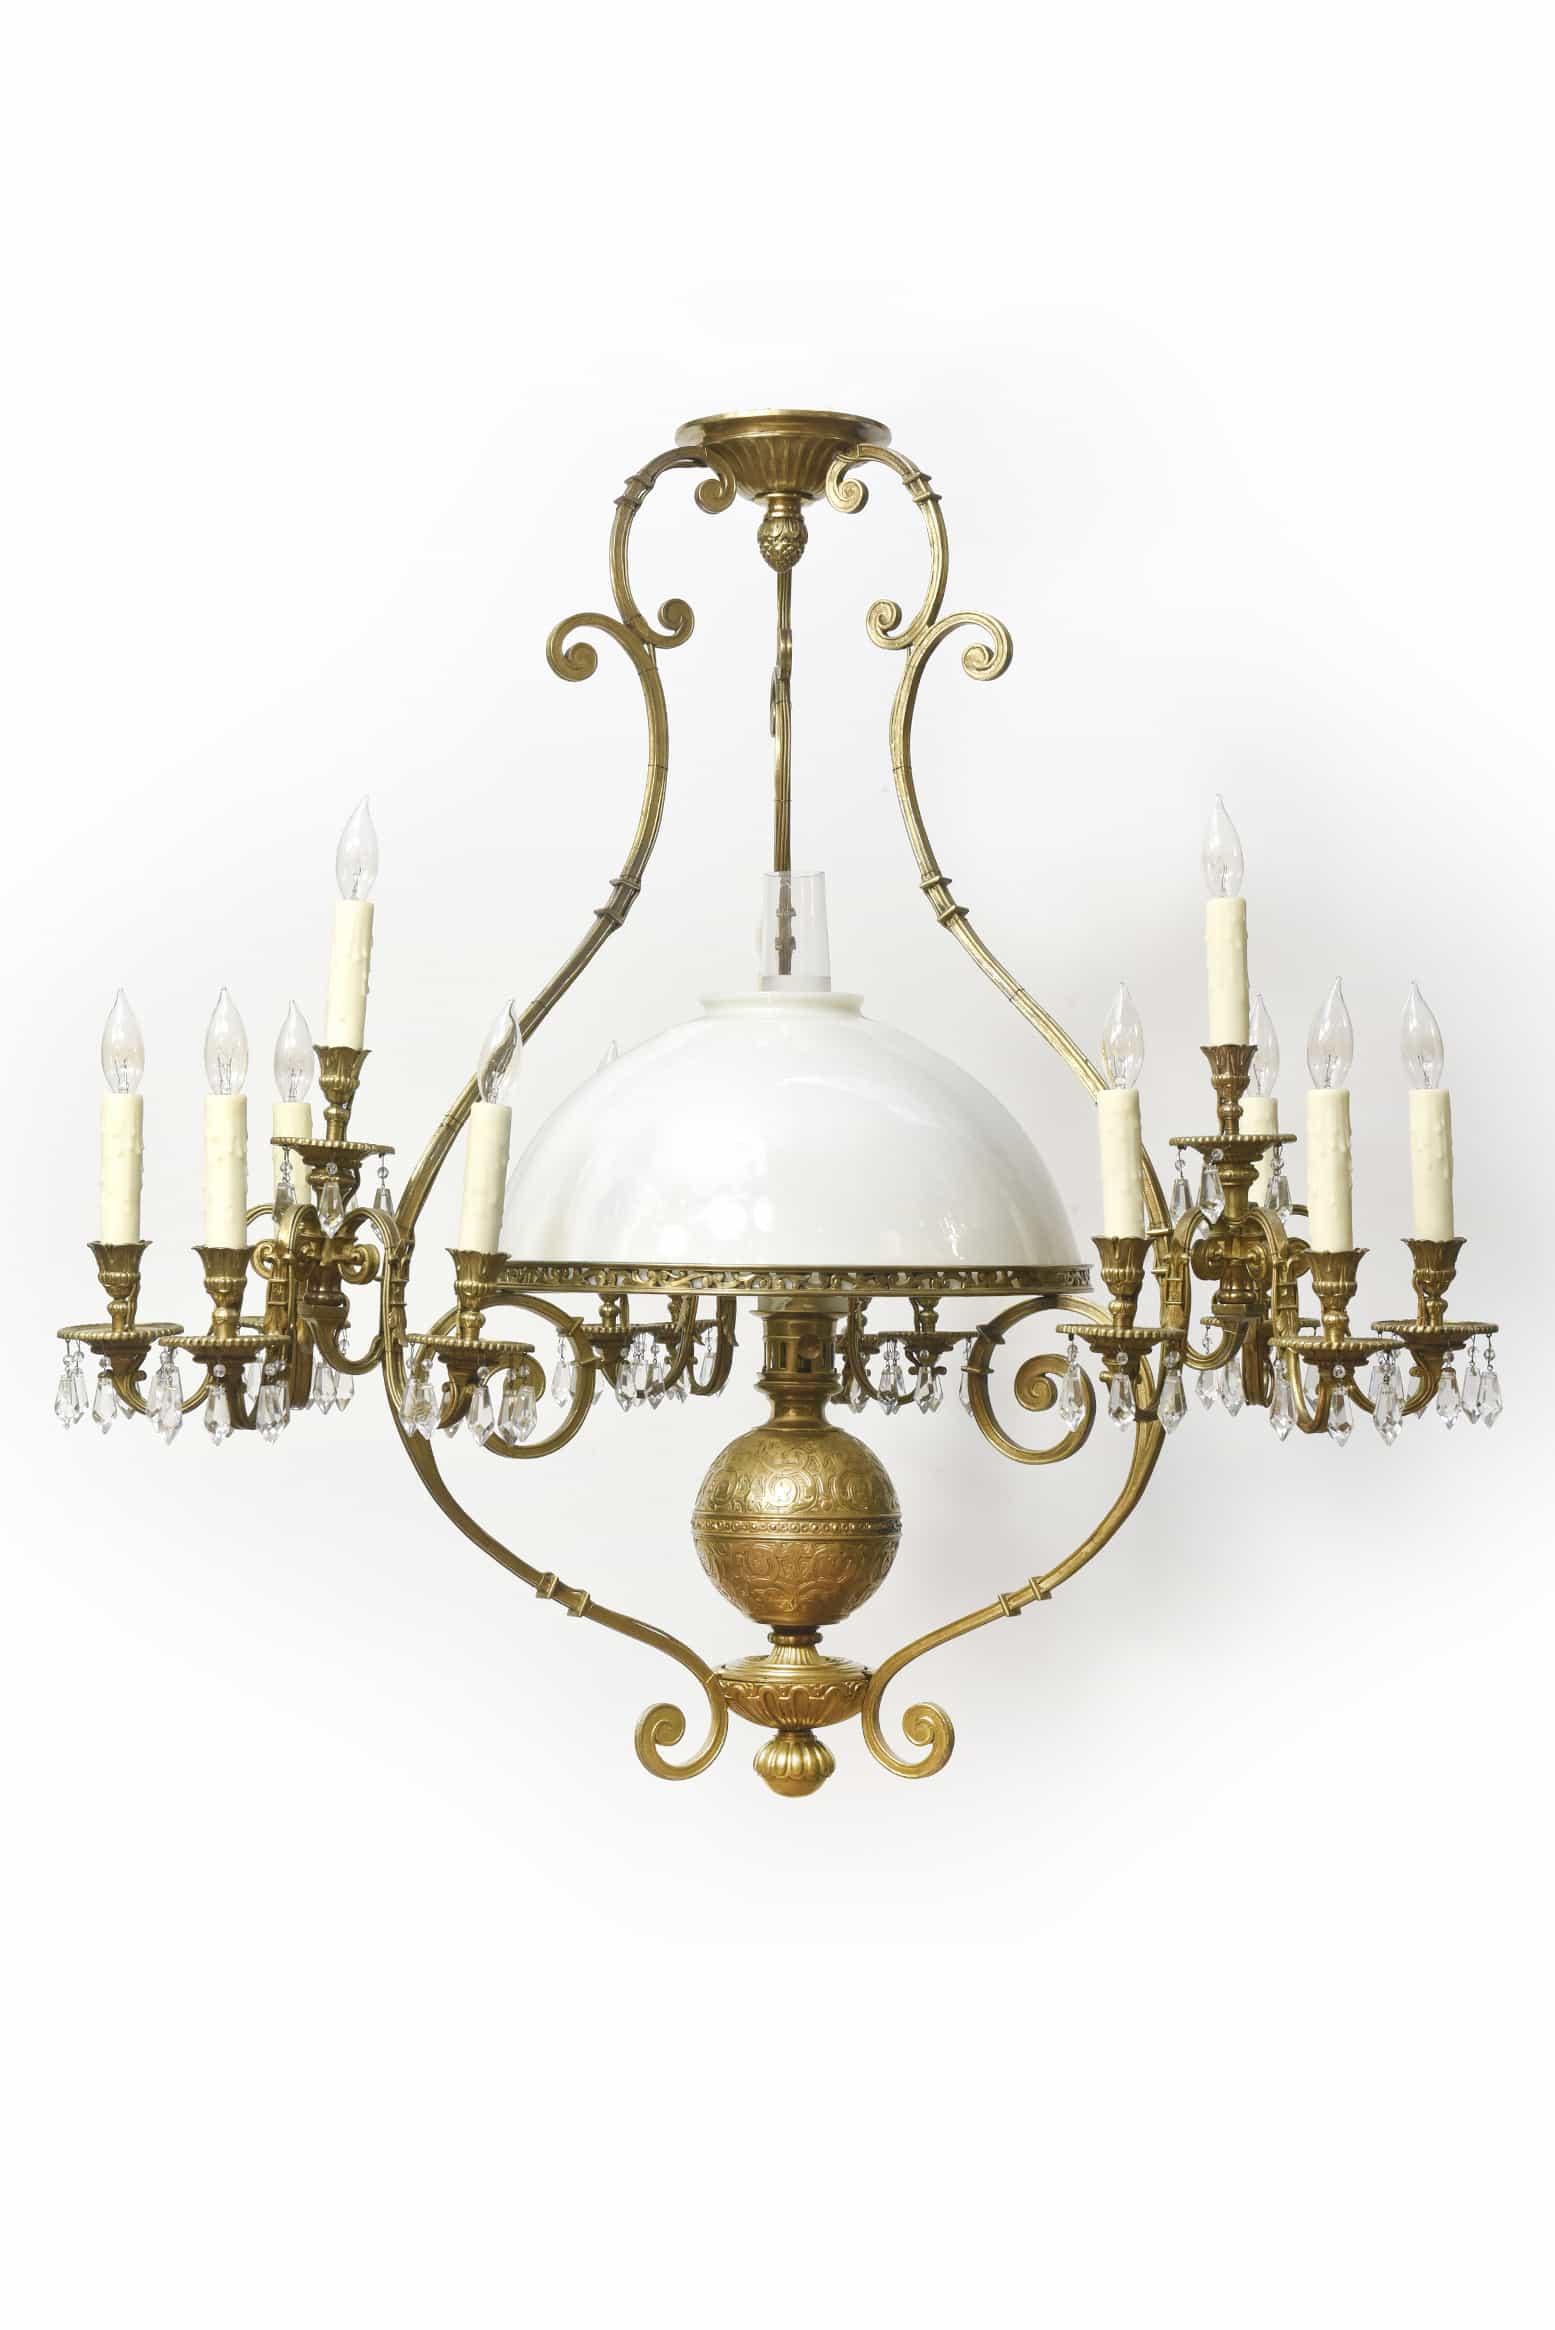 Home Appleton Antique Lighting